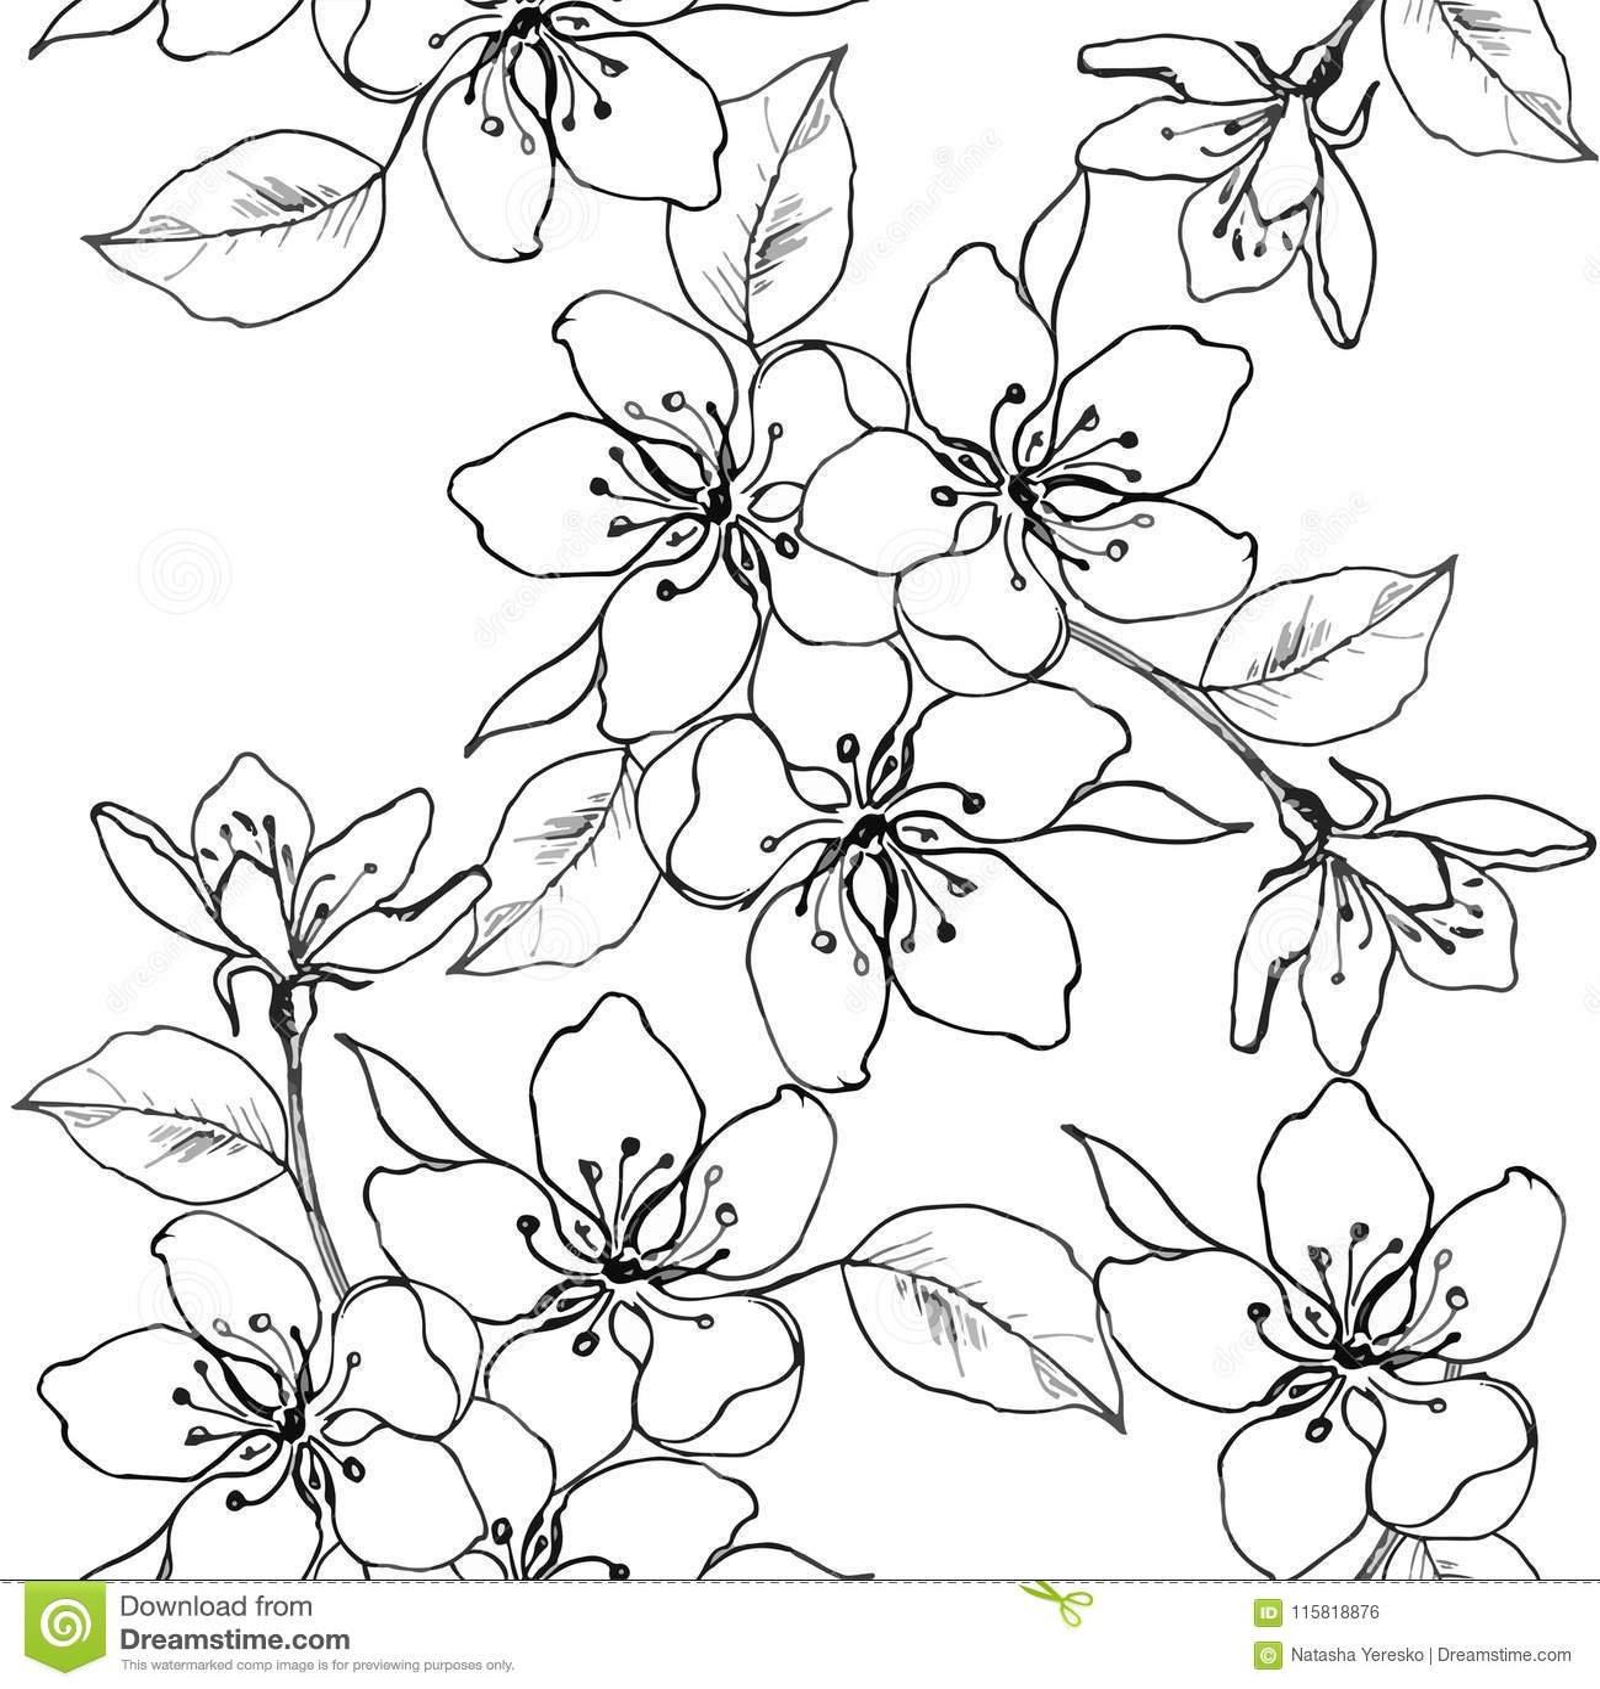 El Dibujo Da Una Rama De La Flor De Cerezo Pera Manzana Modelo